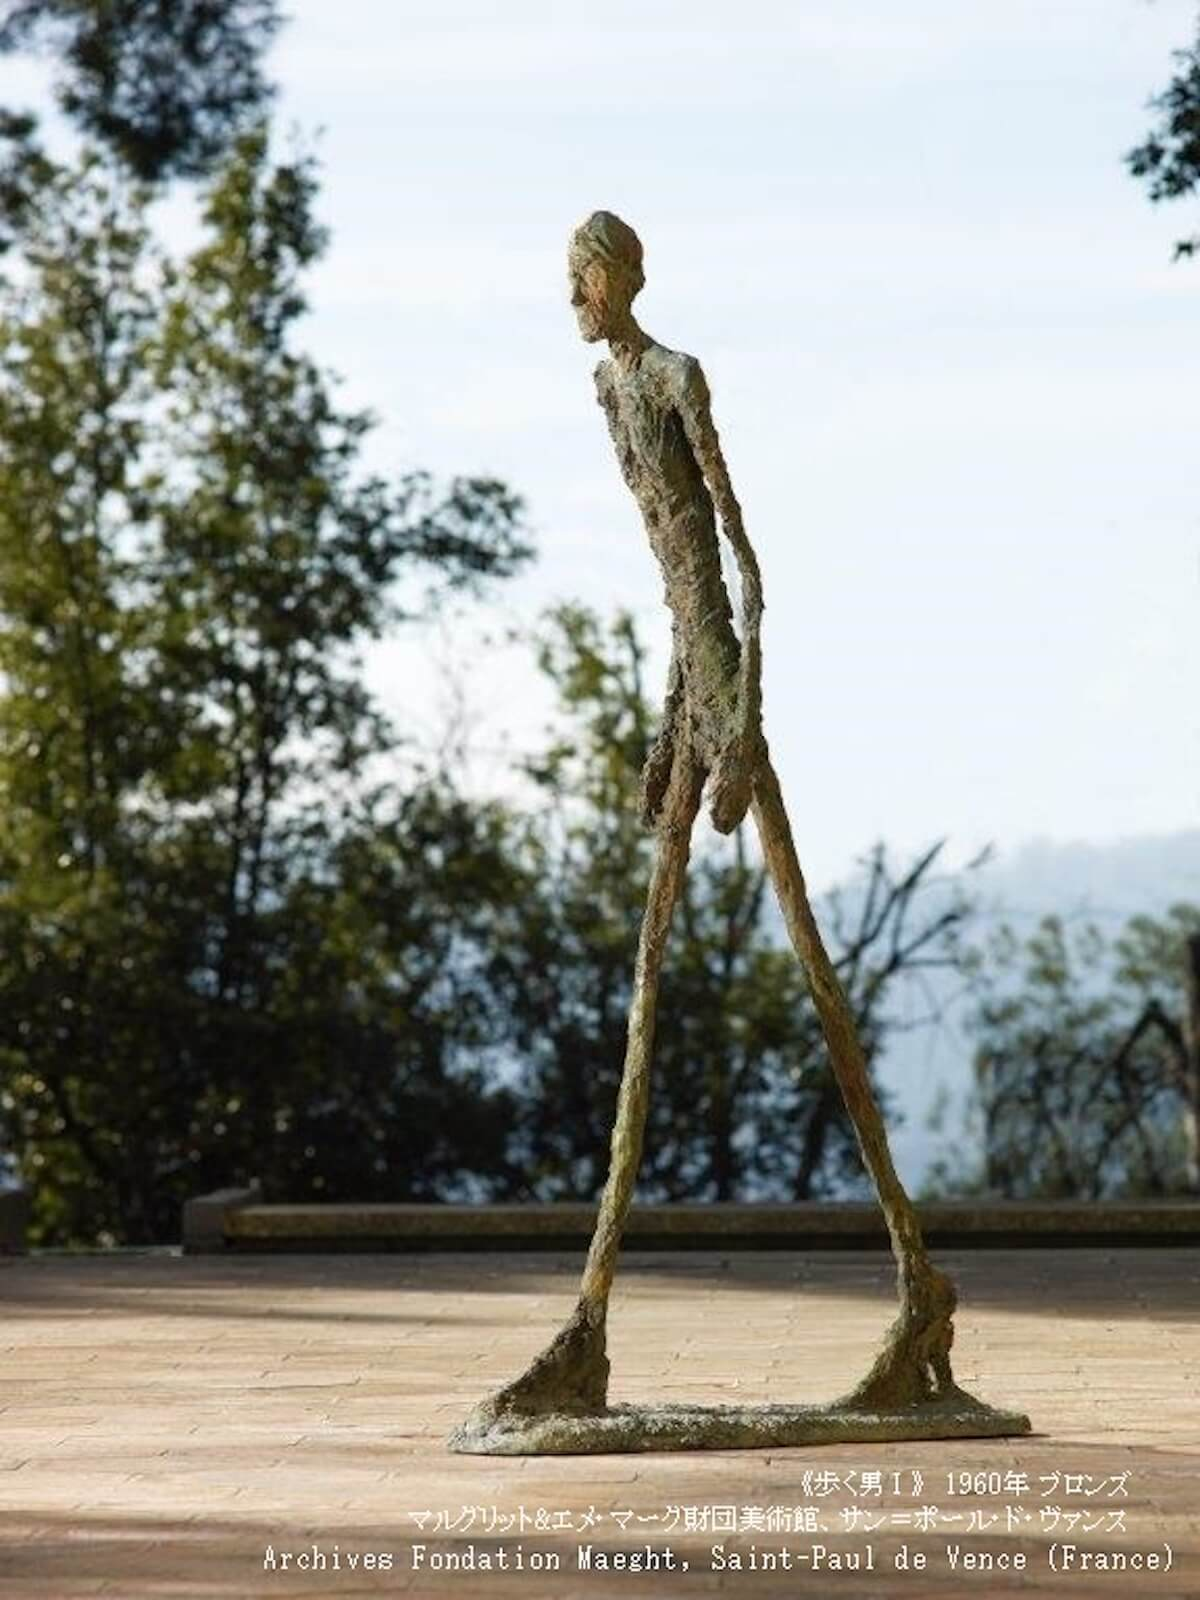 ジャコメッティ展 展示作品≪歩く男Ⅰ≫ トリミングはご遠慮ください